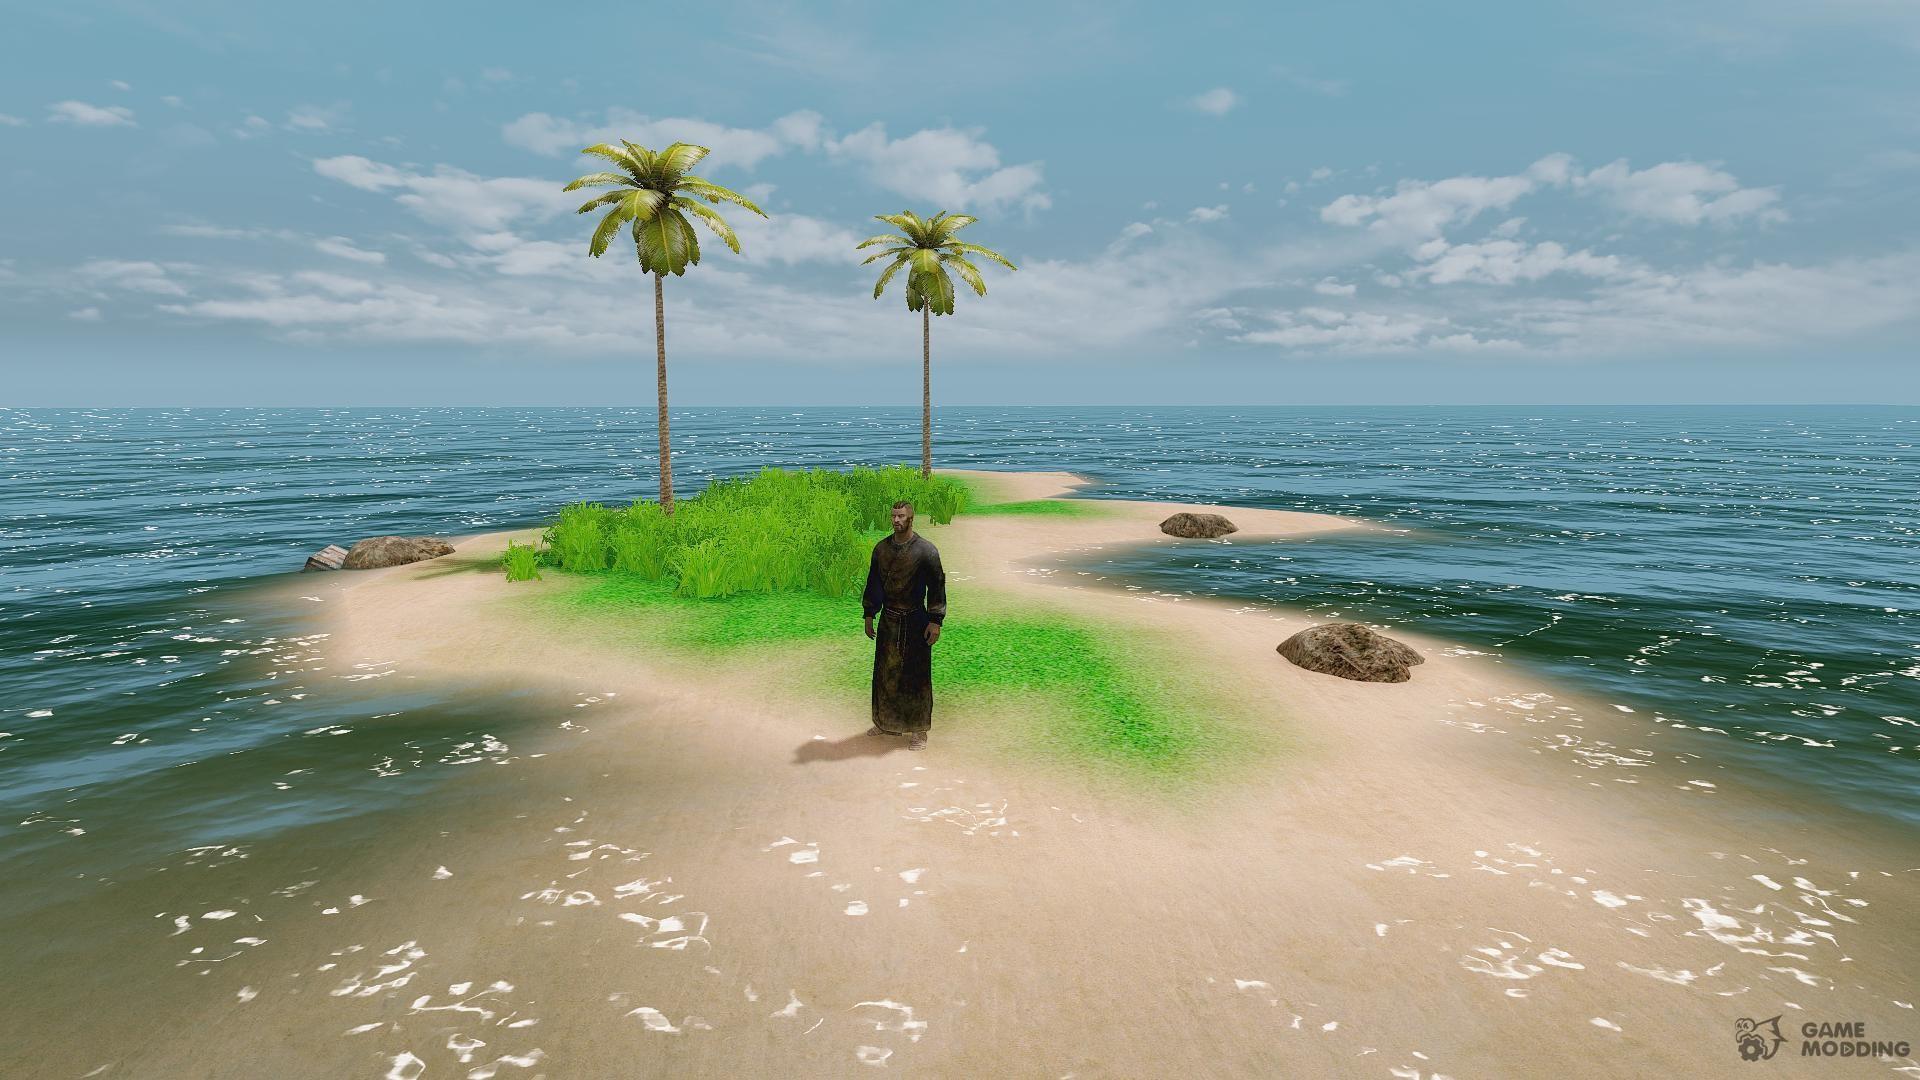 Trpical Island: Tropical Islands For TES V Skyrim